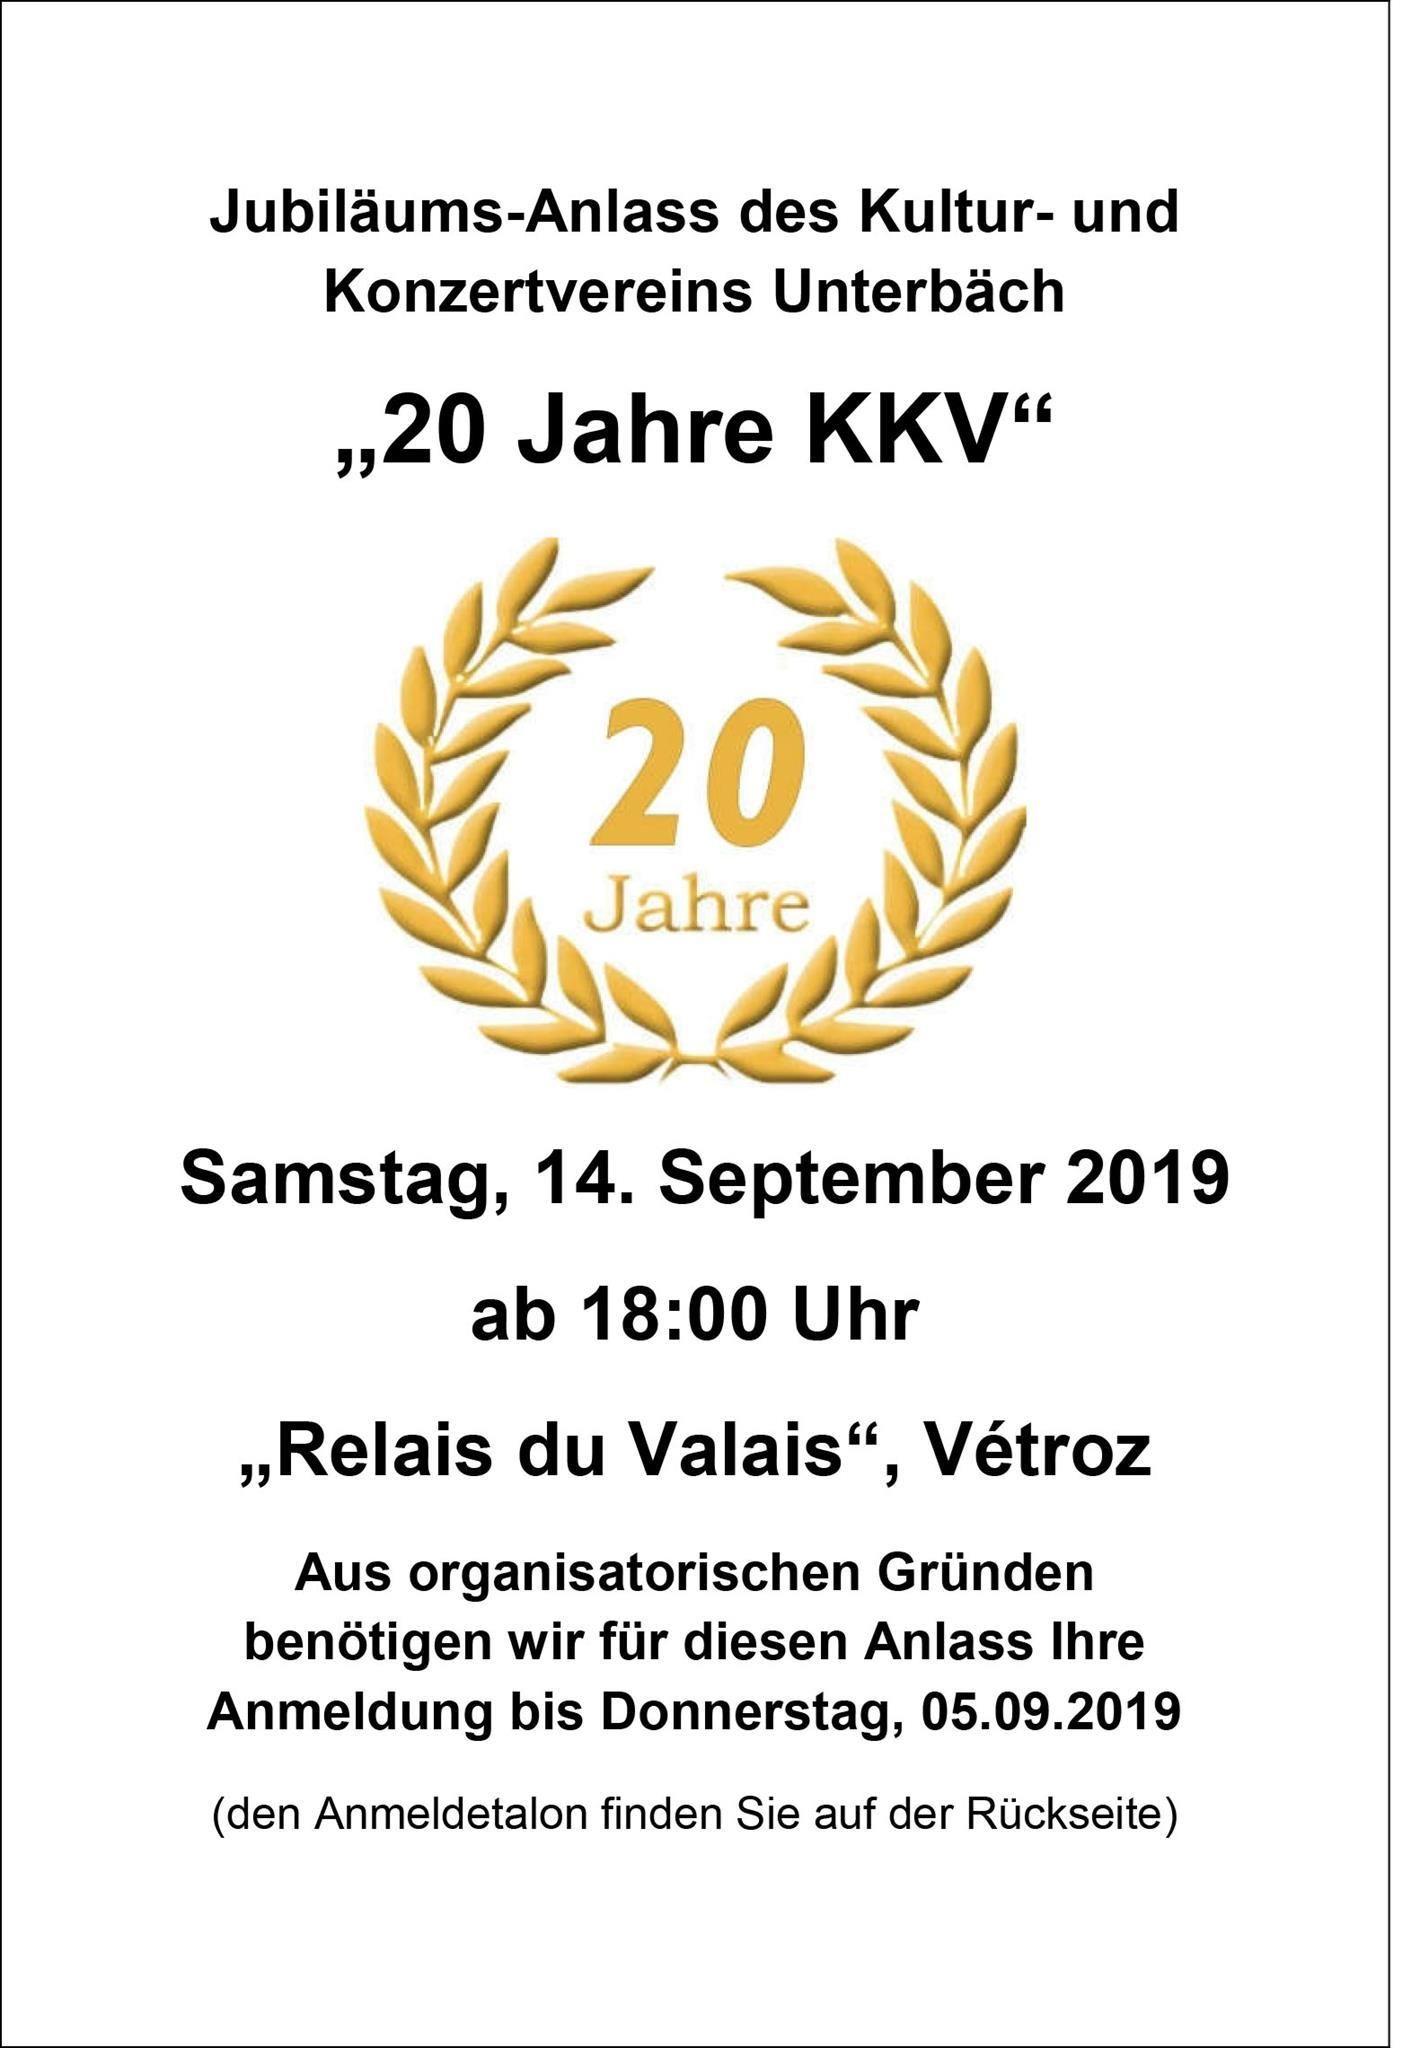 Jubiläumsanlass KKV 20 Jahre